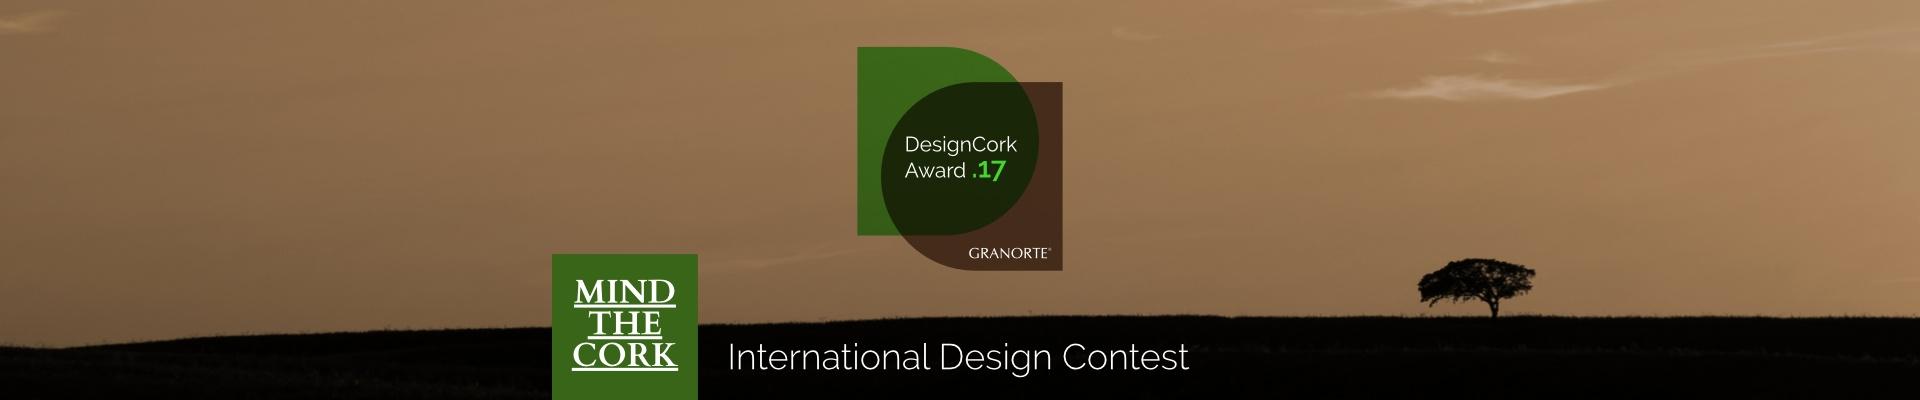 Designcork